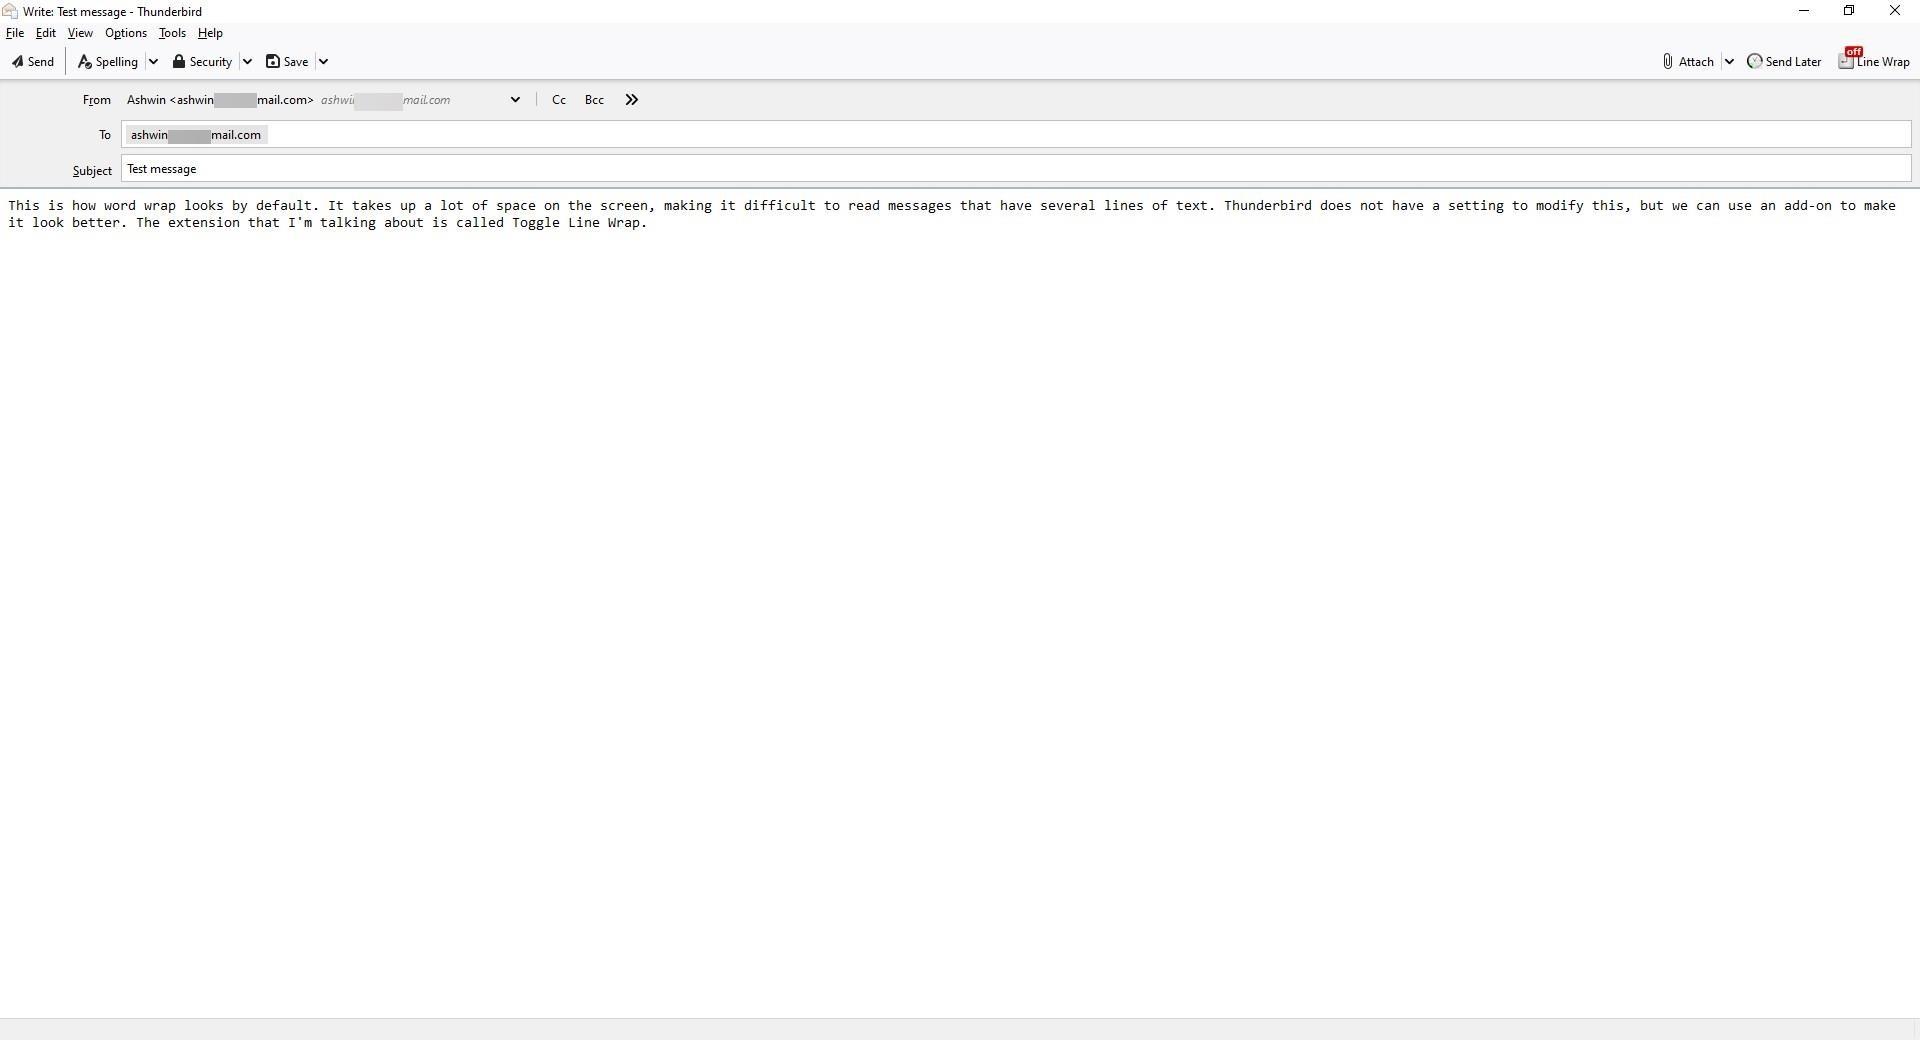 Habilite el ajuste de palabras adecuado en Thunderbird usando la extensión Toggle Line Wrap